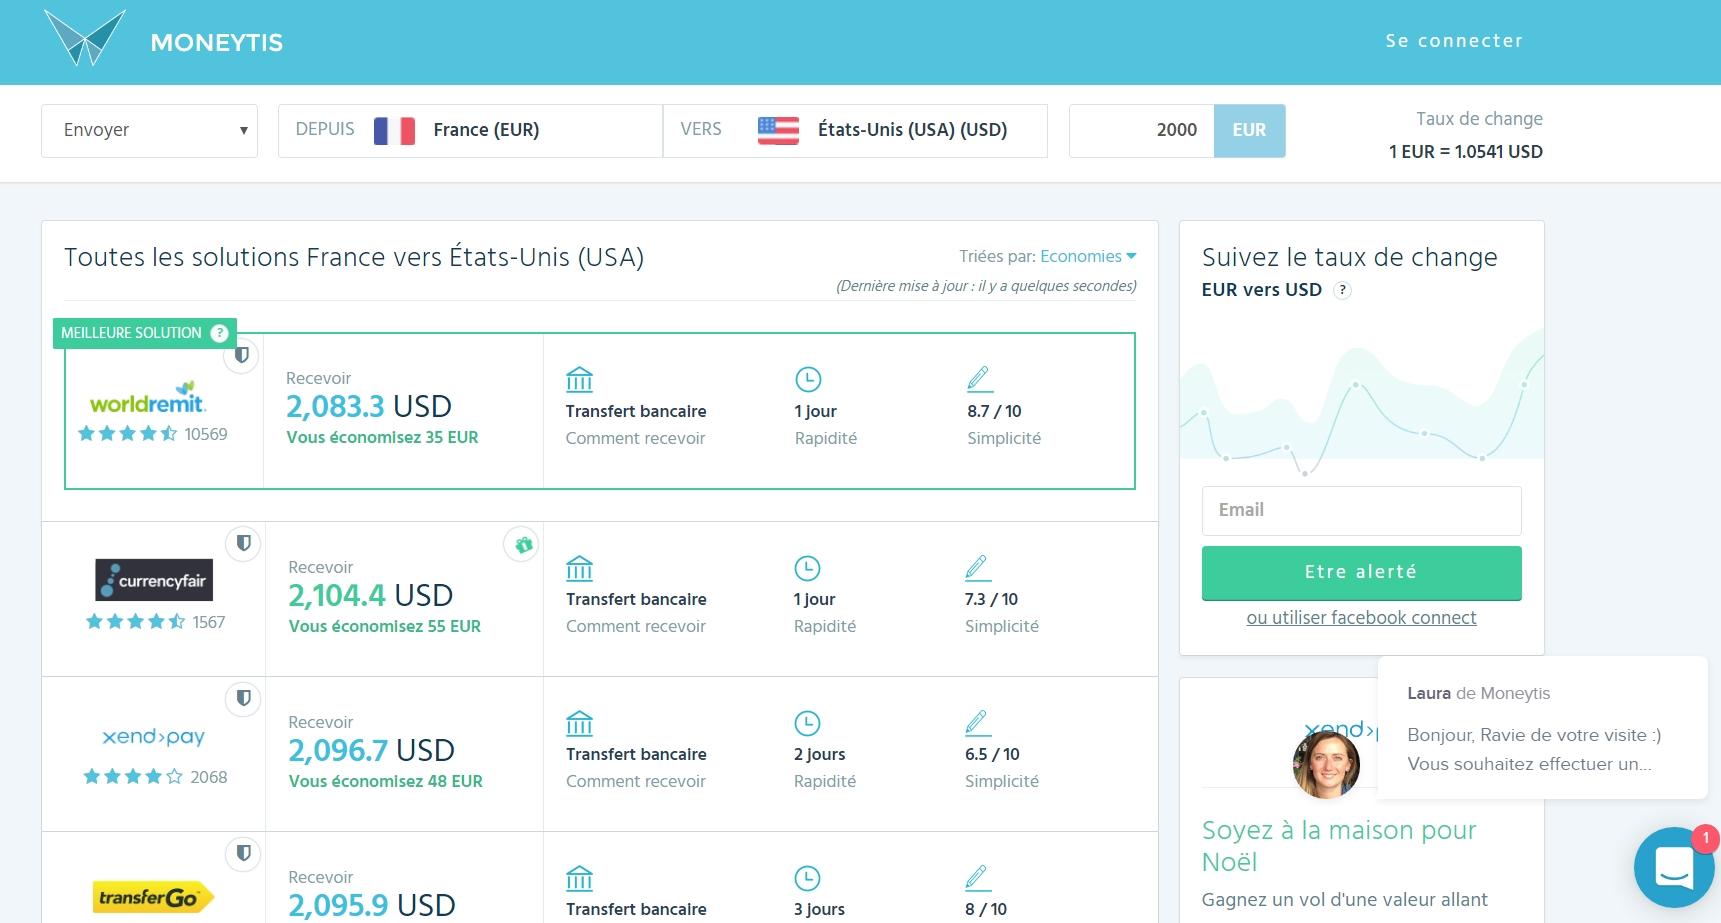 Moneytis, la meilleure solution pour envoyer de l'argent à l'international